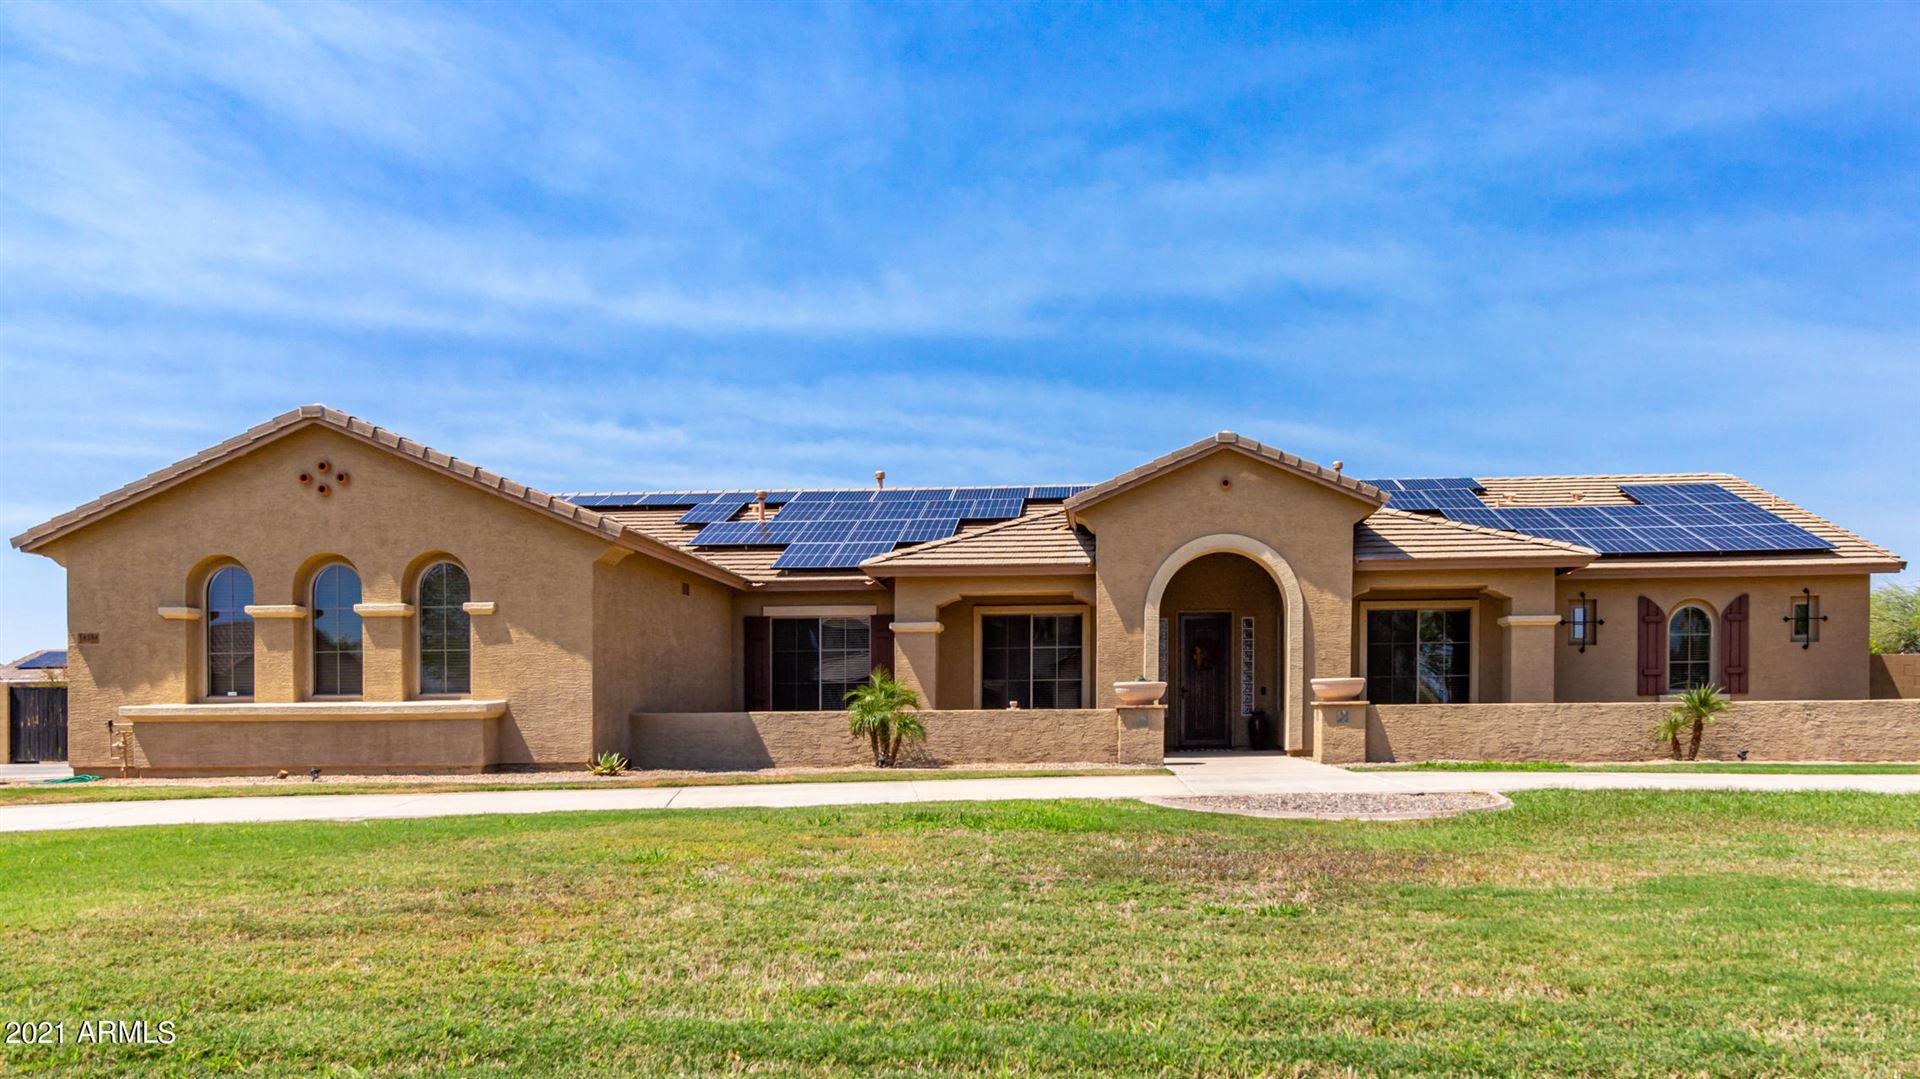 14554 DESERT COVE Road                                                                               Surprise                                                                      , AZ - $820,000